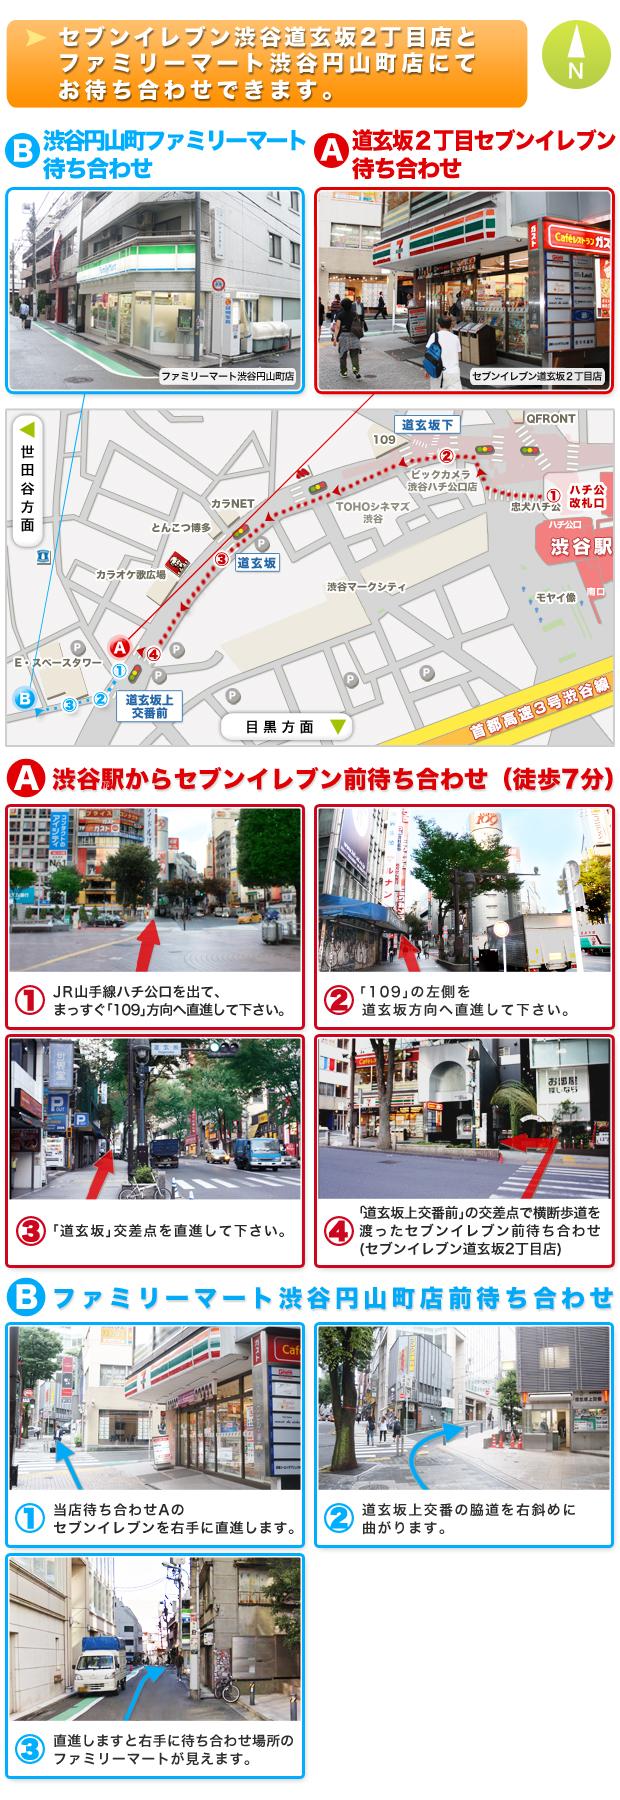 渋谷円山町ファミリーマート前